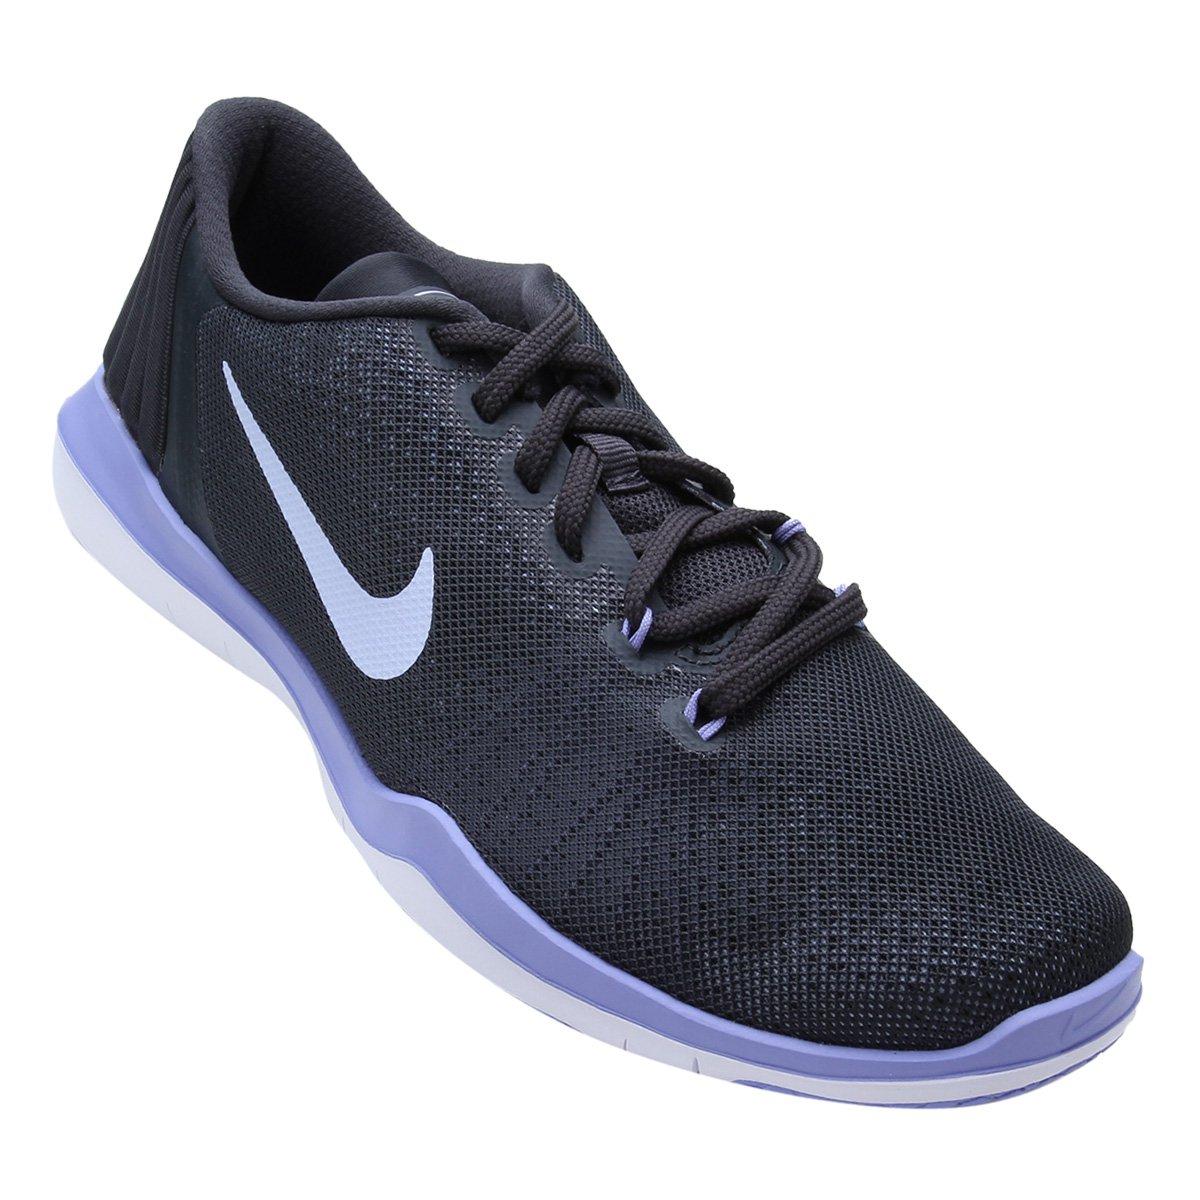 05a897fd7edac Tênis Nike Flex Supreme TR 5 Feminino - Cinza e Roxo - Compre Agora ...